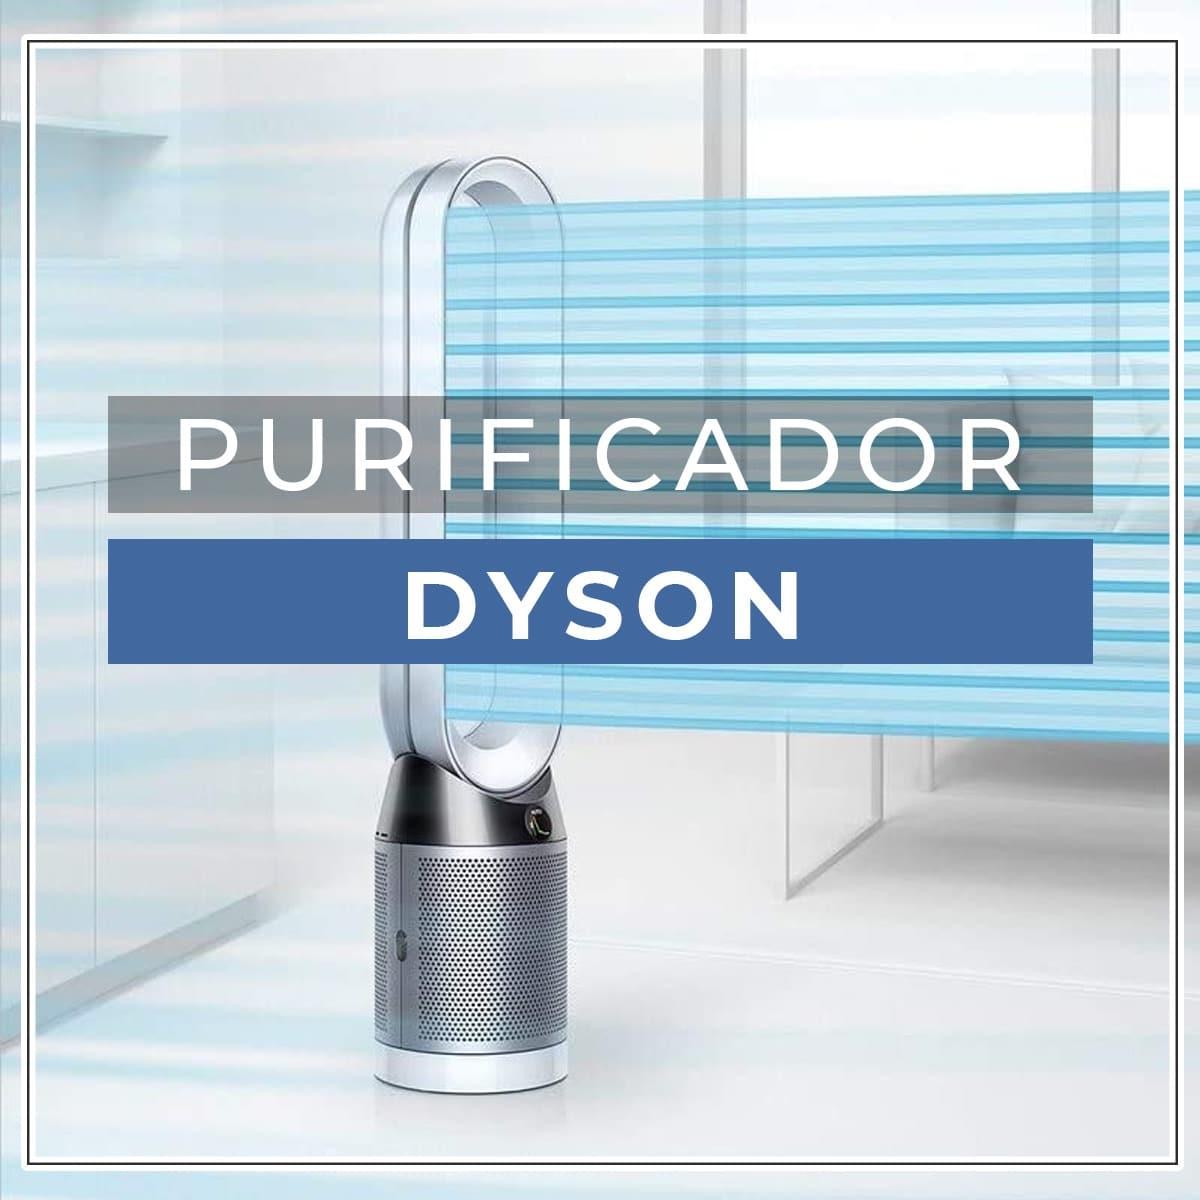 purificador dyson